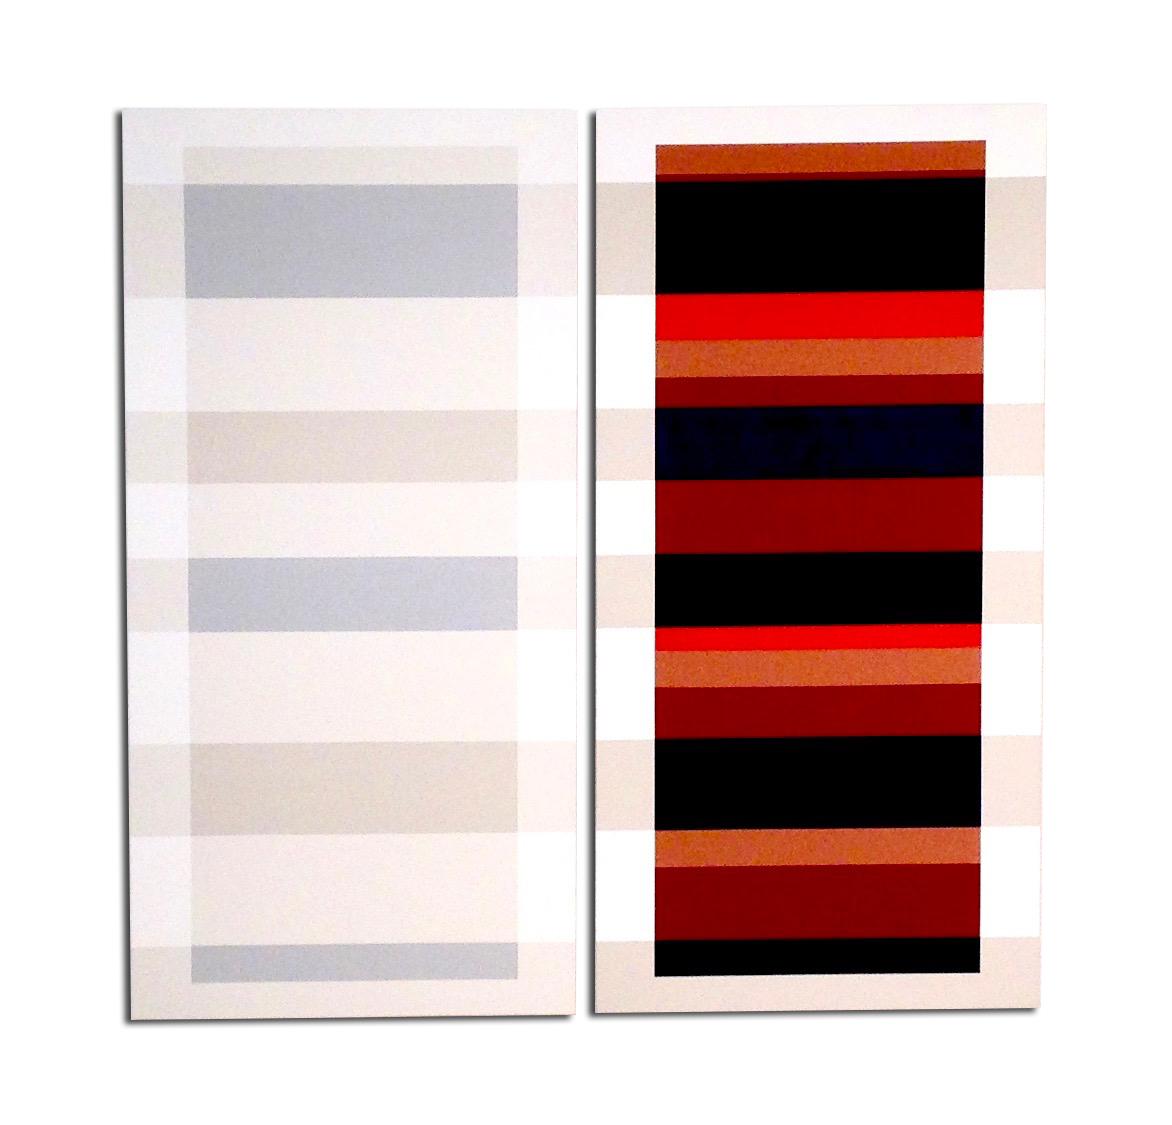 Acrylique sur toile dyptique  - 130 x 110 x 4 cm